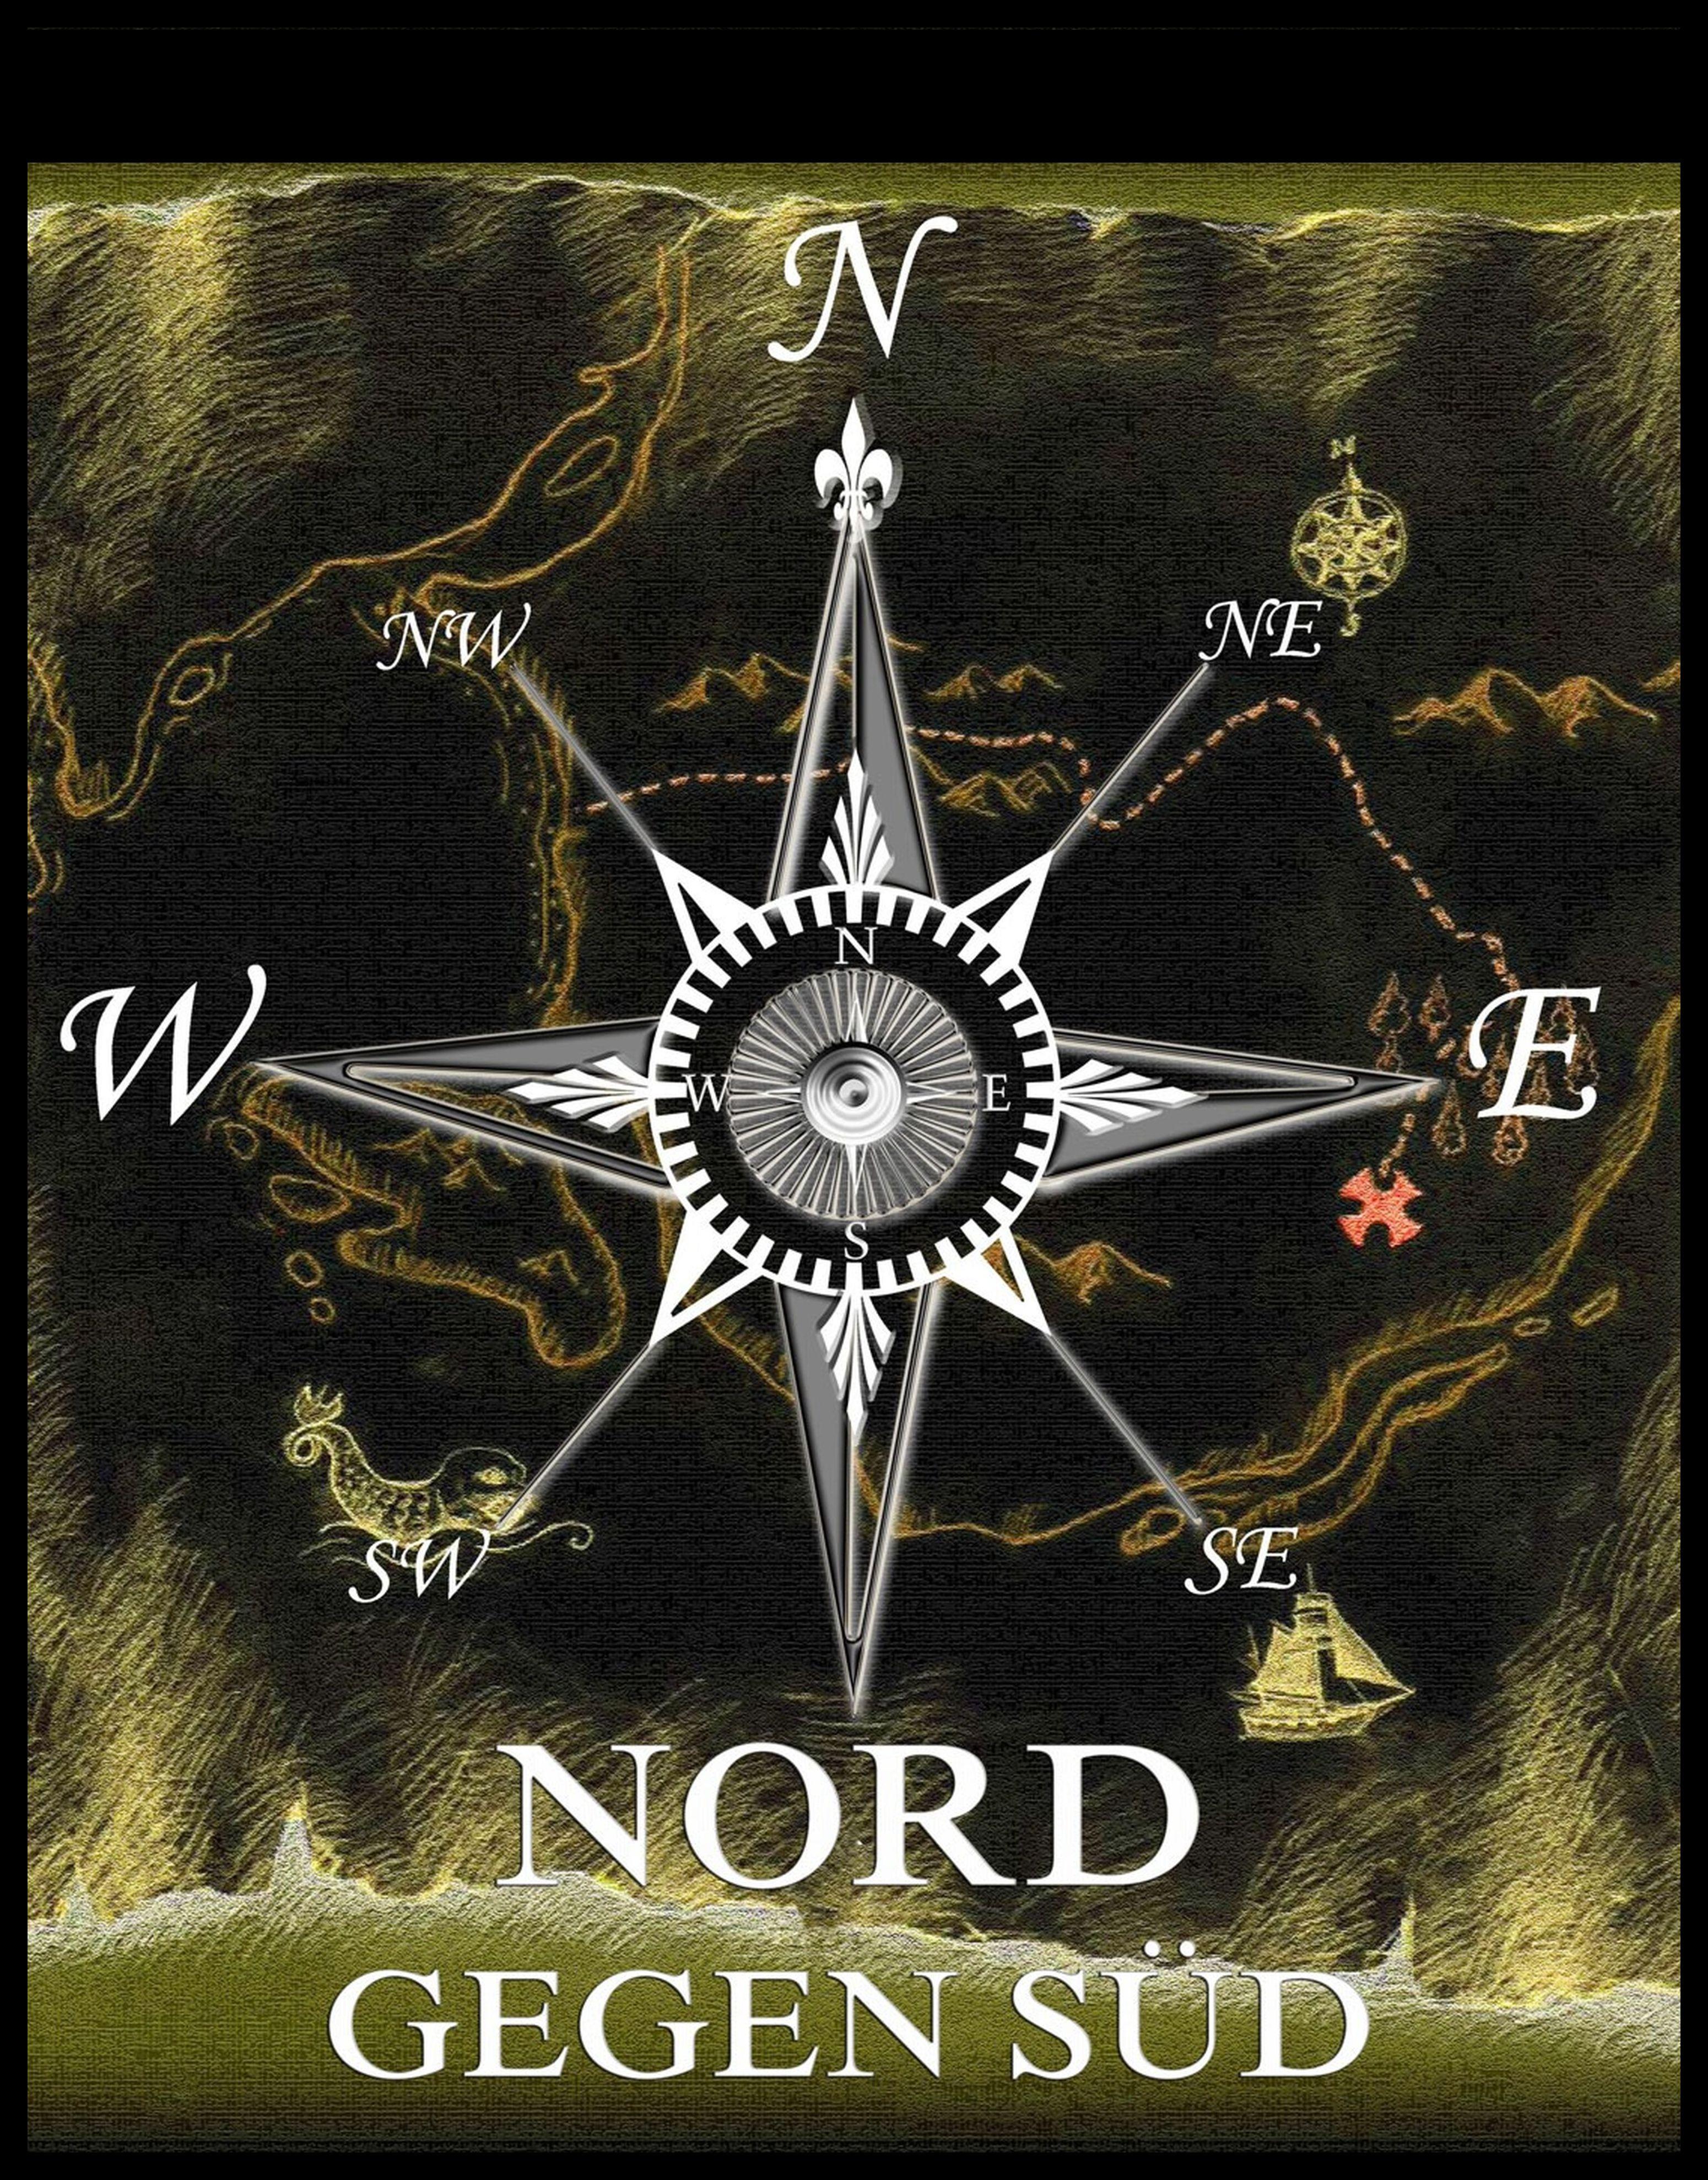 nord gegen sud